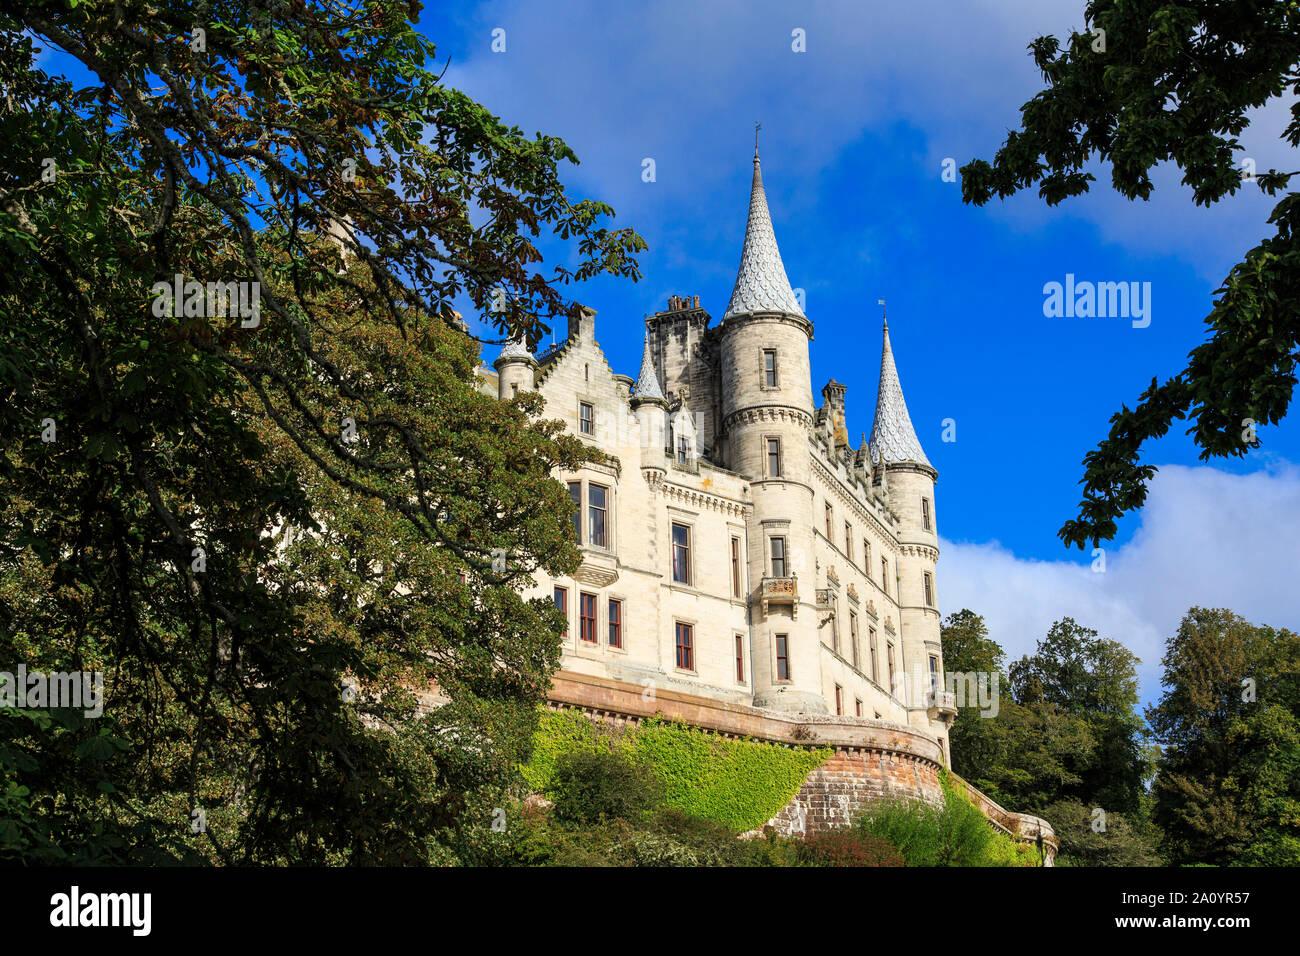 Dunrobin Castle in Morayshire, Scotland. Stock Photo